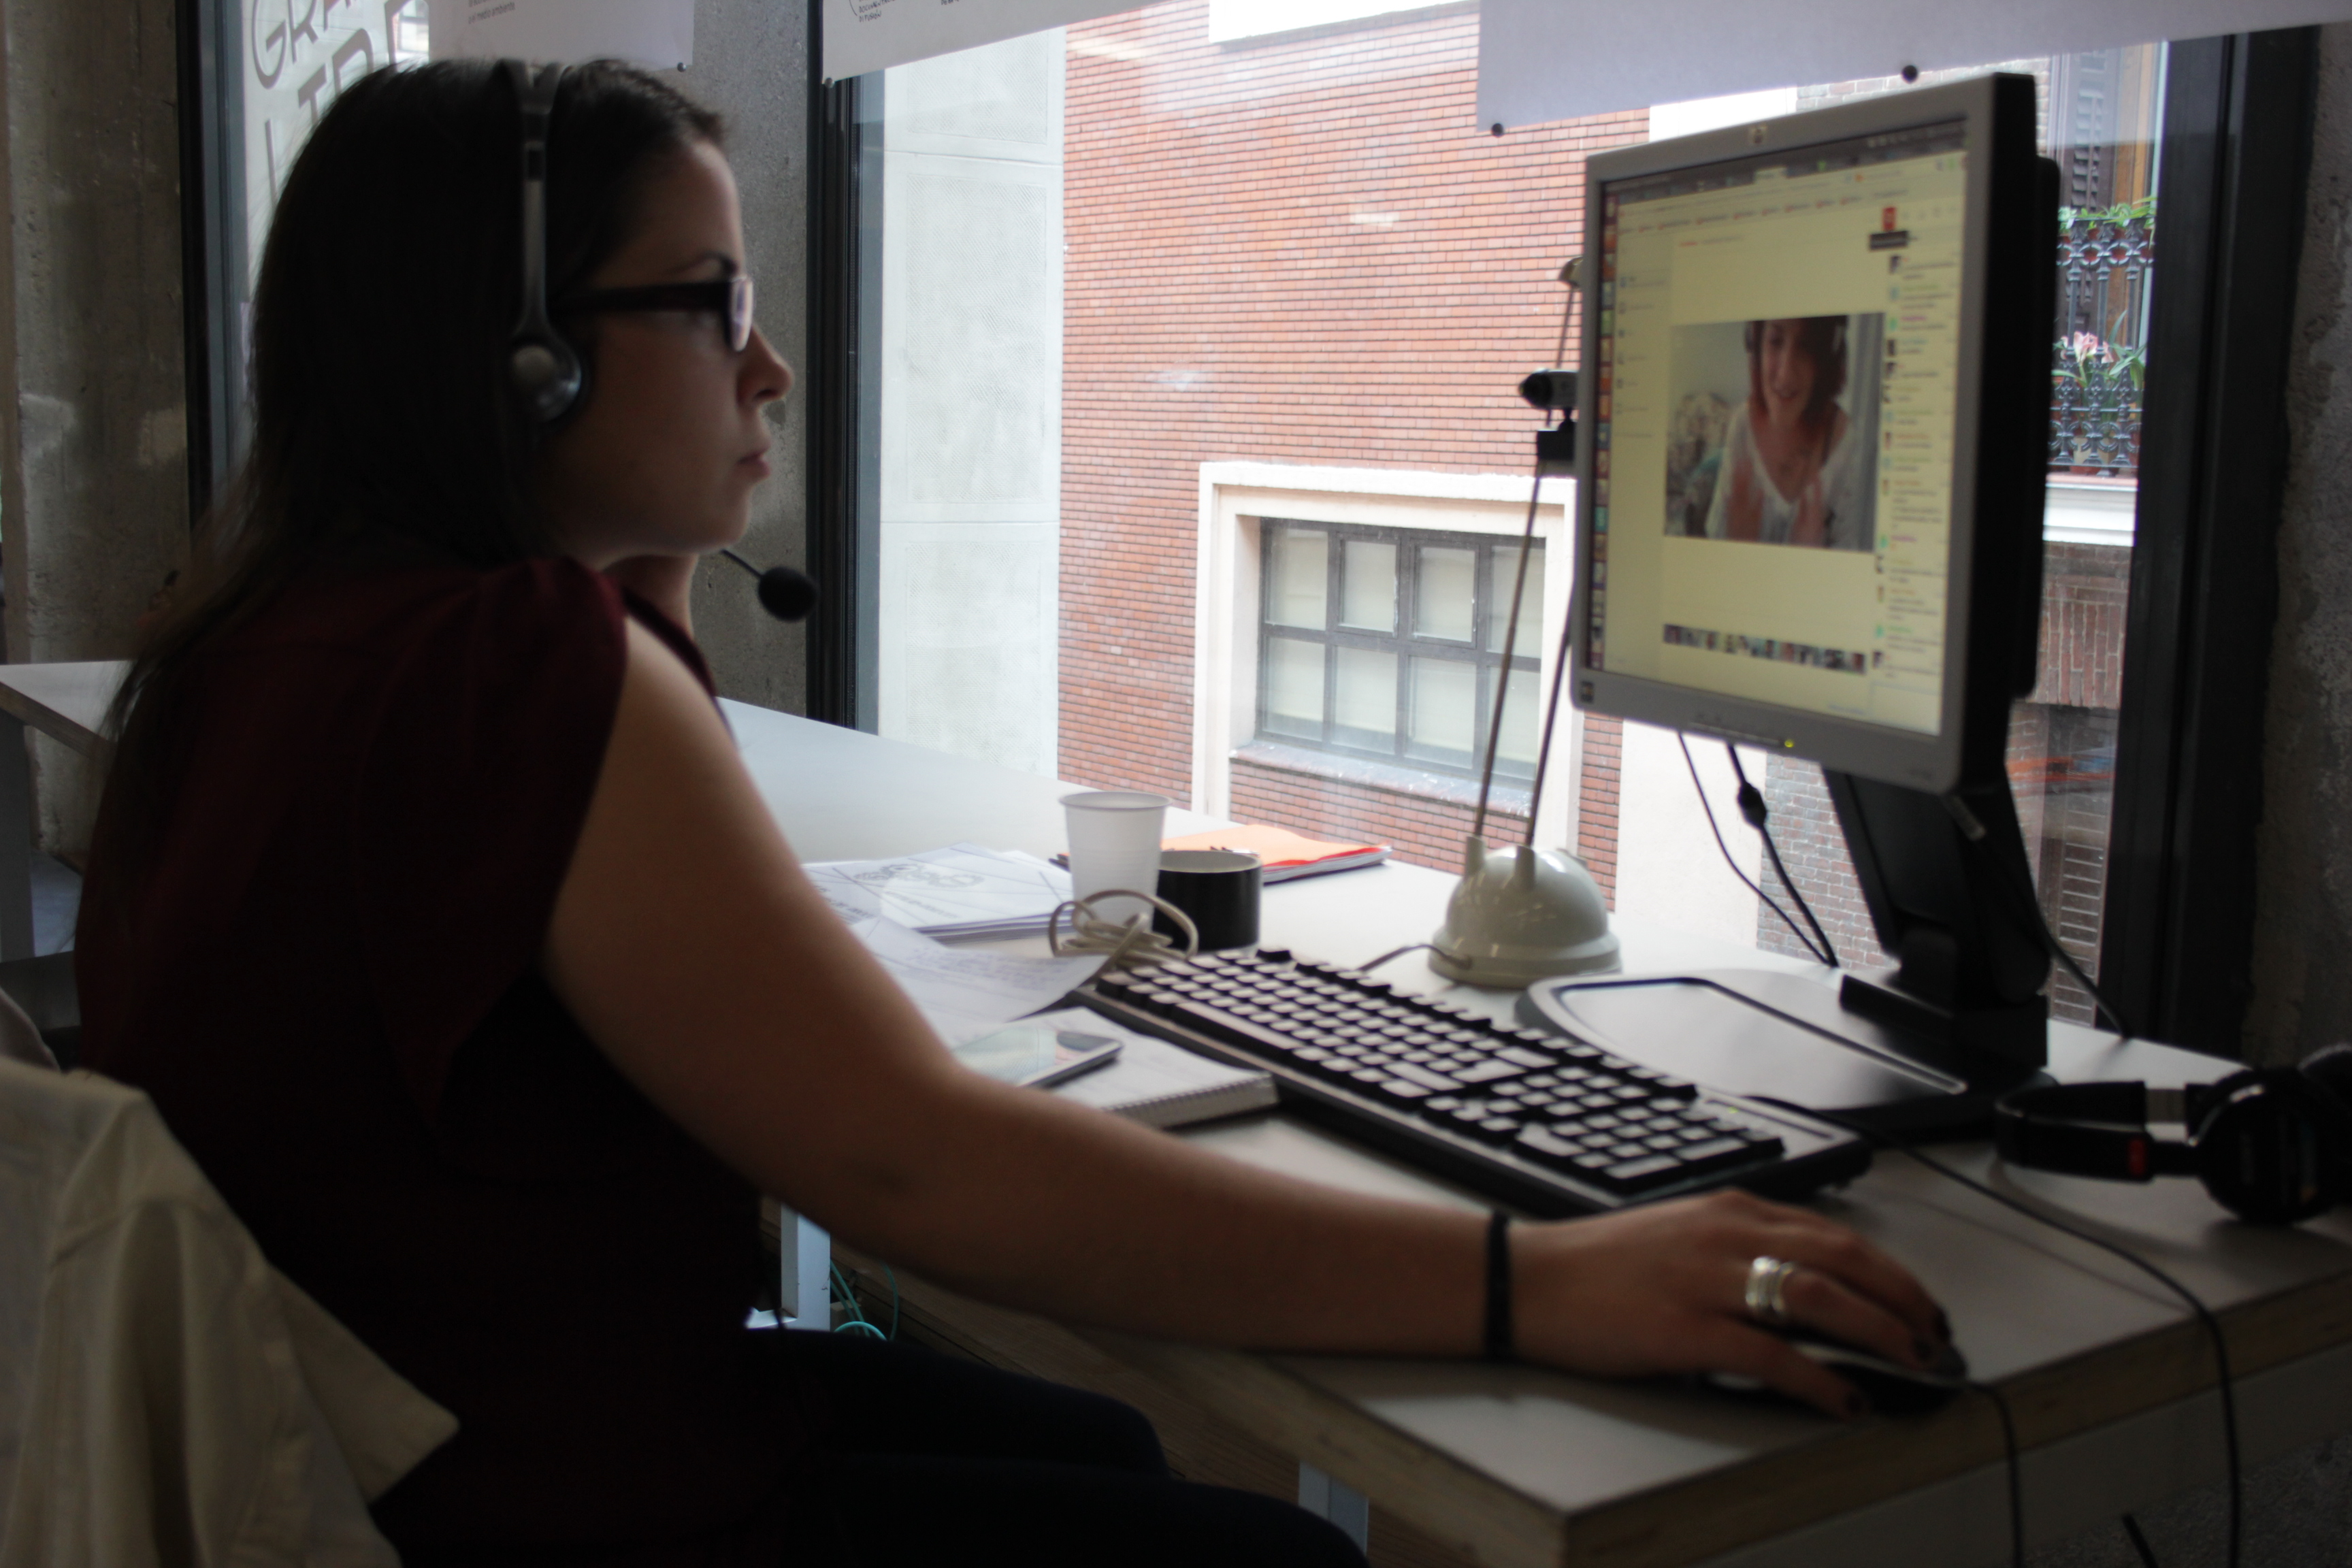 Una chica mira un monitor.